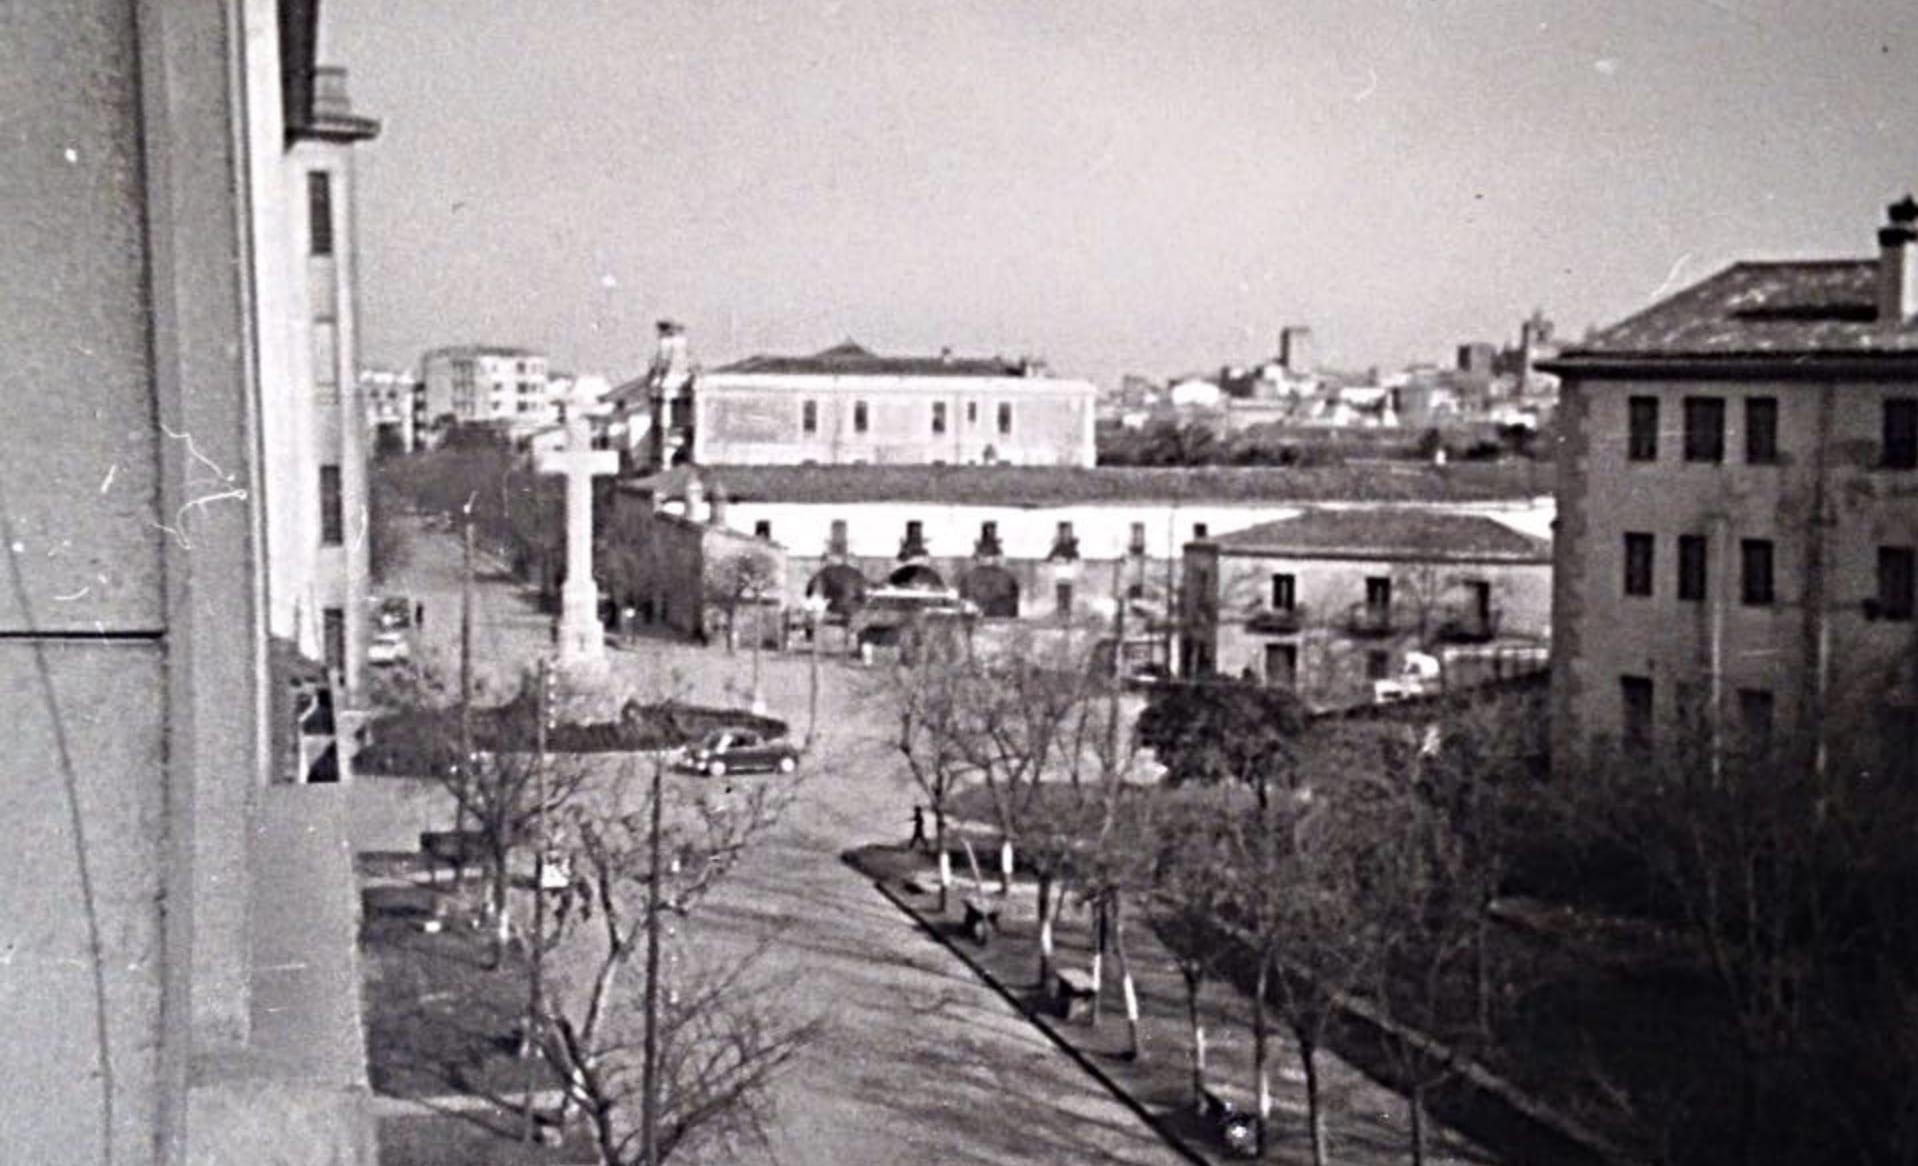 1959 - Parador del Carmen y Cruz de los Caídos